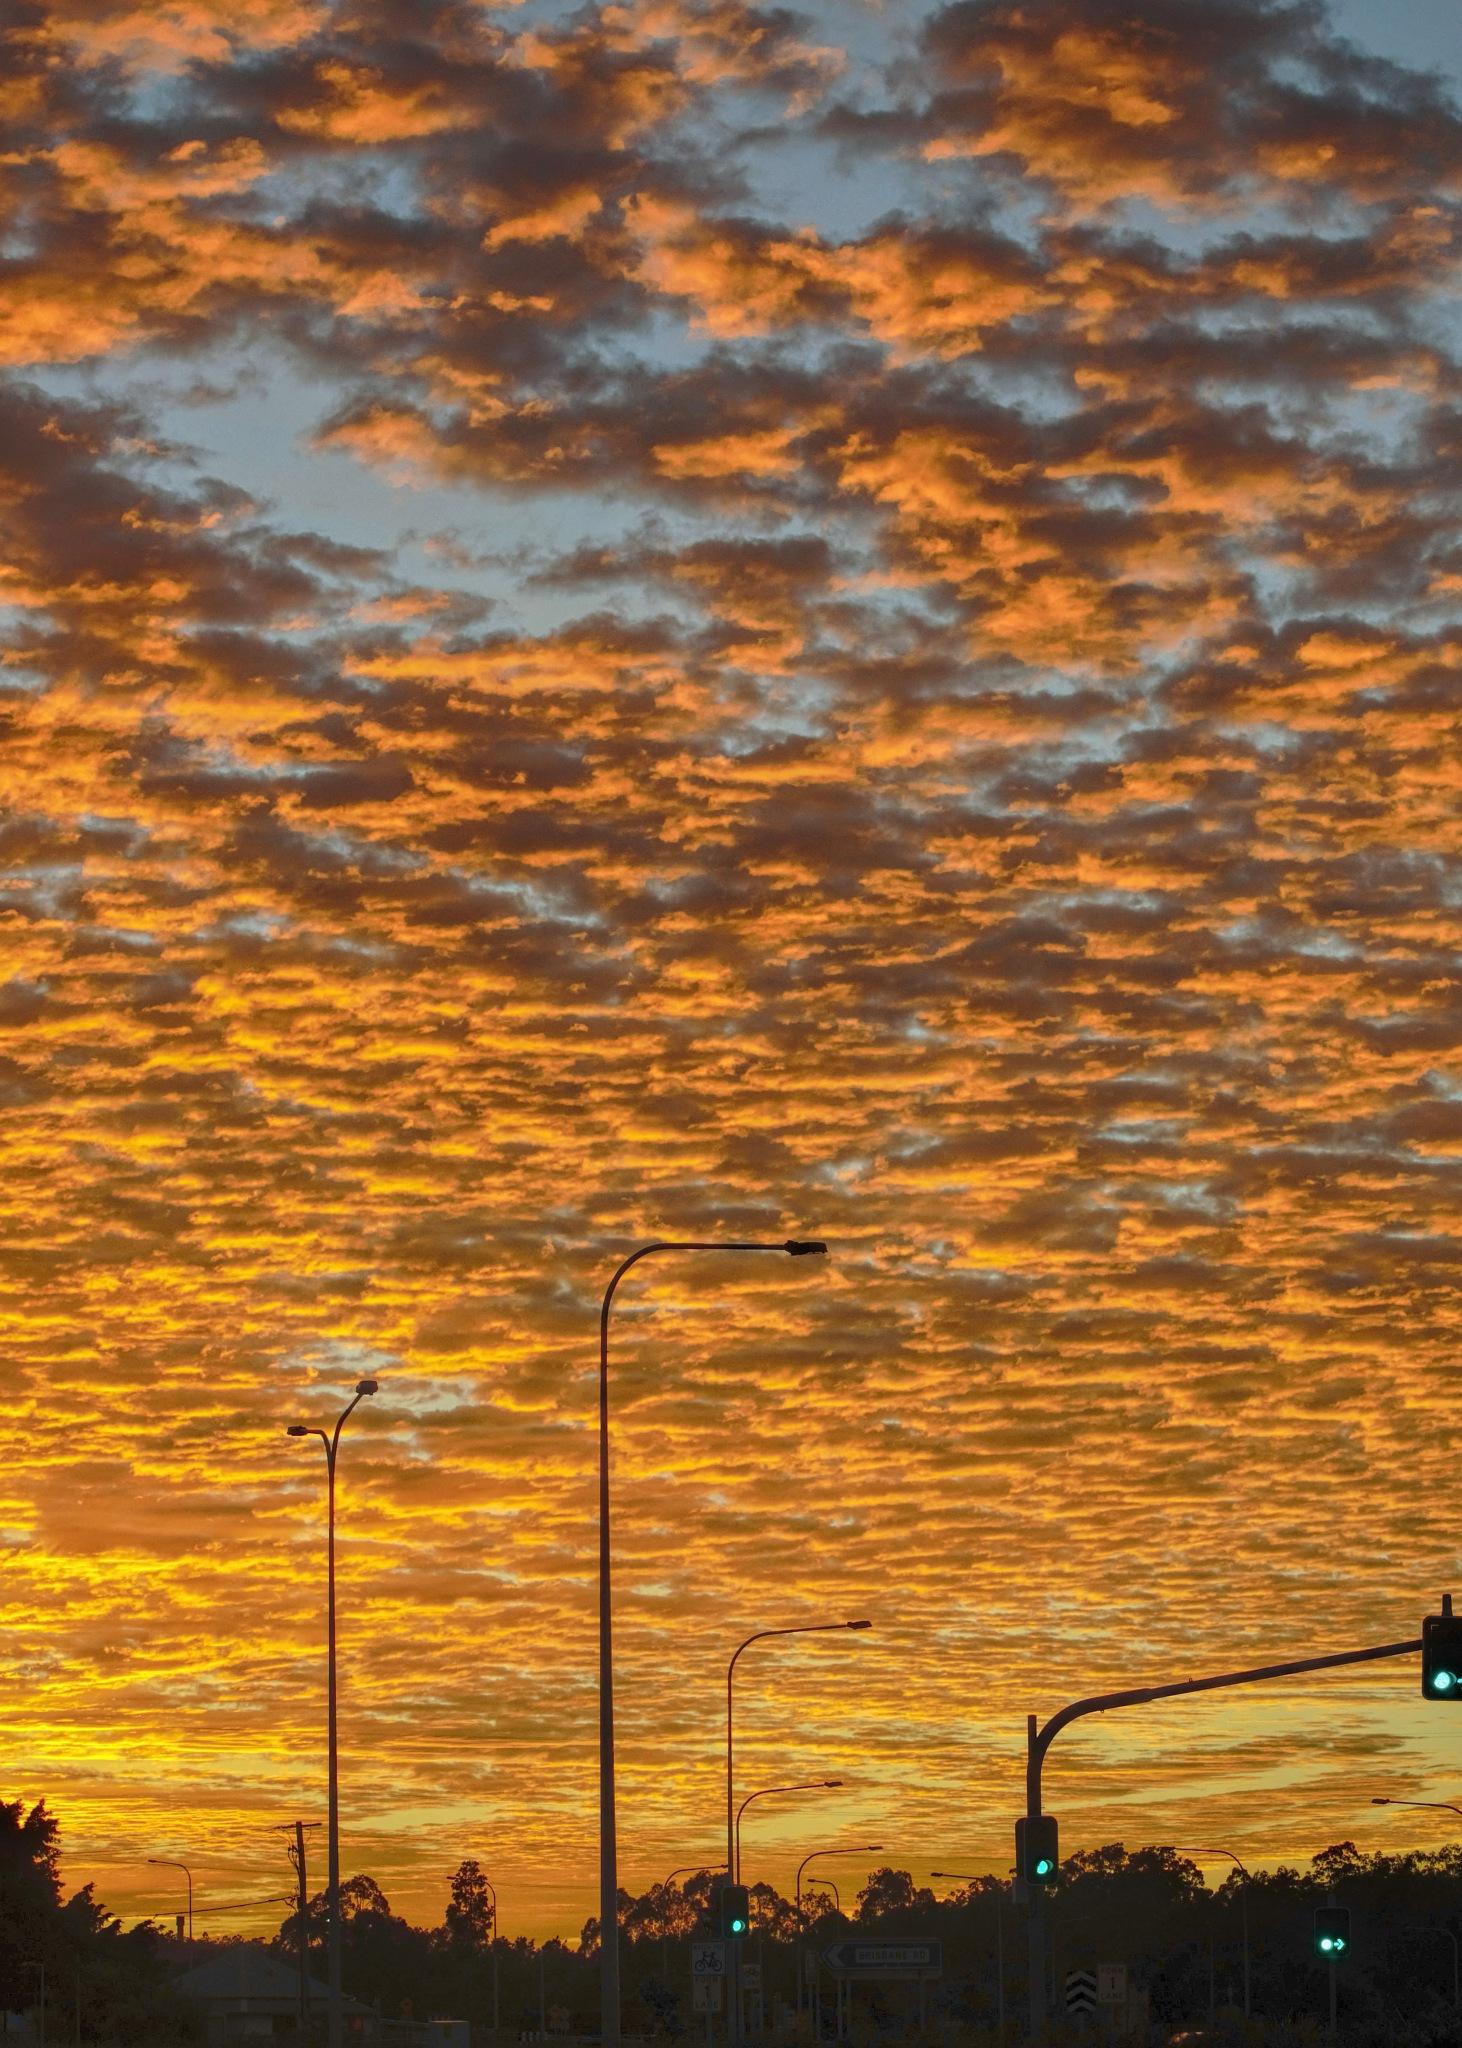 Sunrise above traffic lights. by ensbassatt